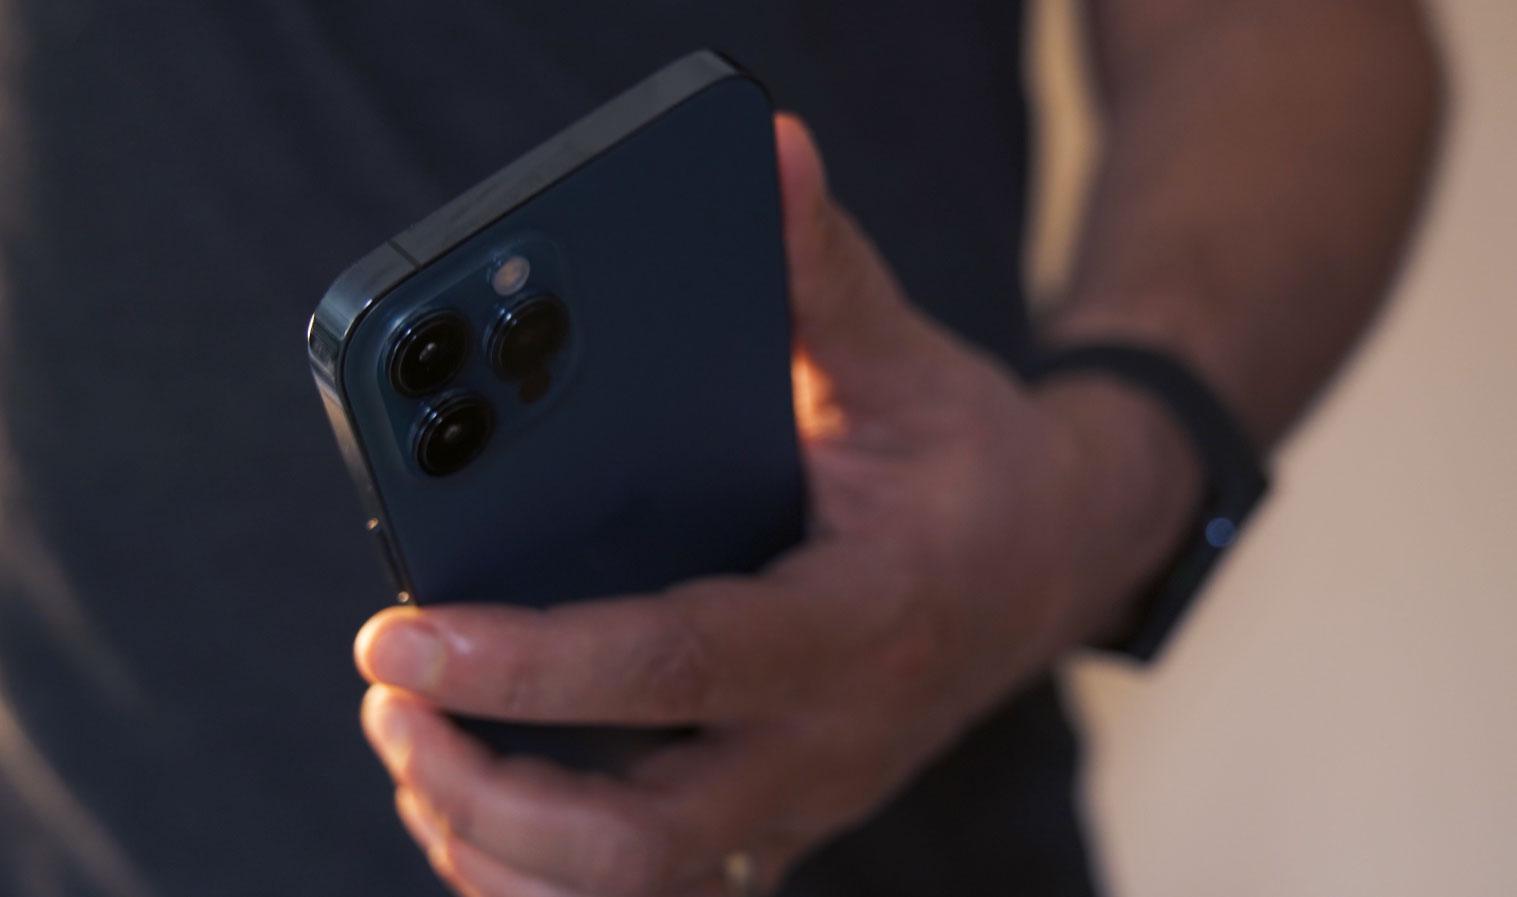 Le module photo est immense, bien plus grand que celui de l'iPhone 11 Pro Max